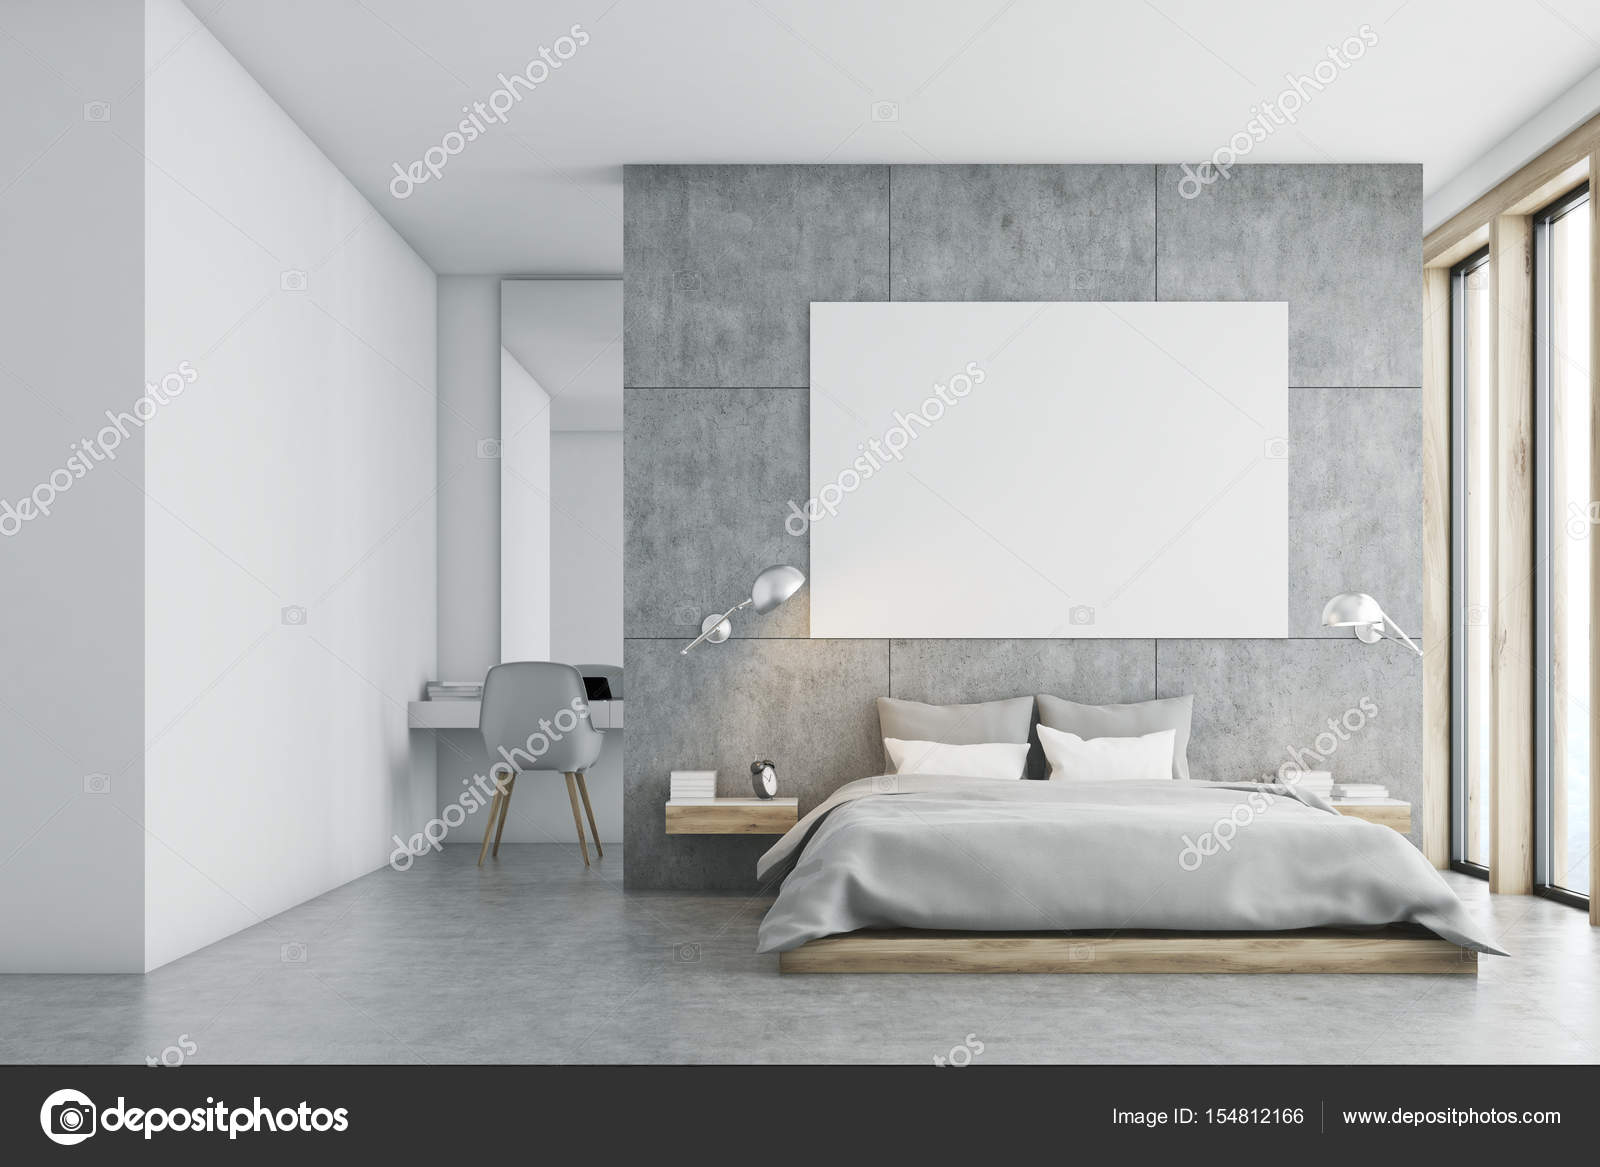 Camera da letto grigio con poster e studio — Foto Stock ...